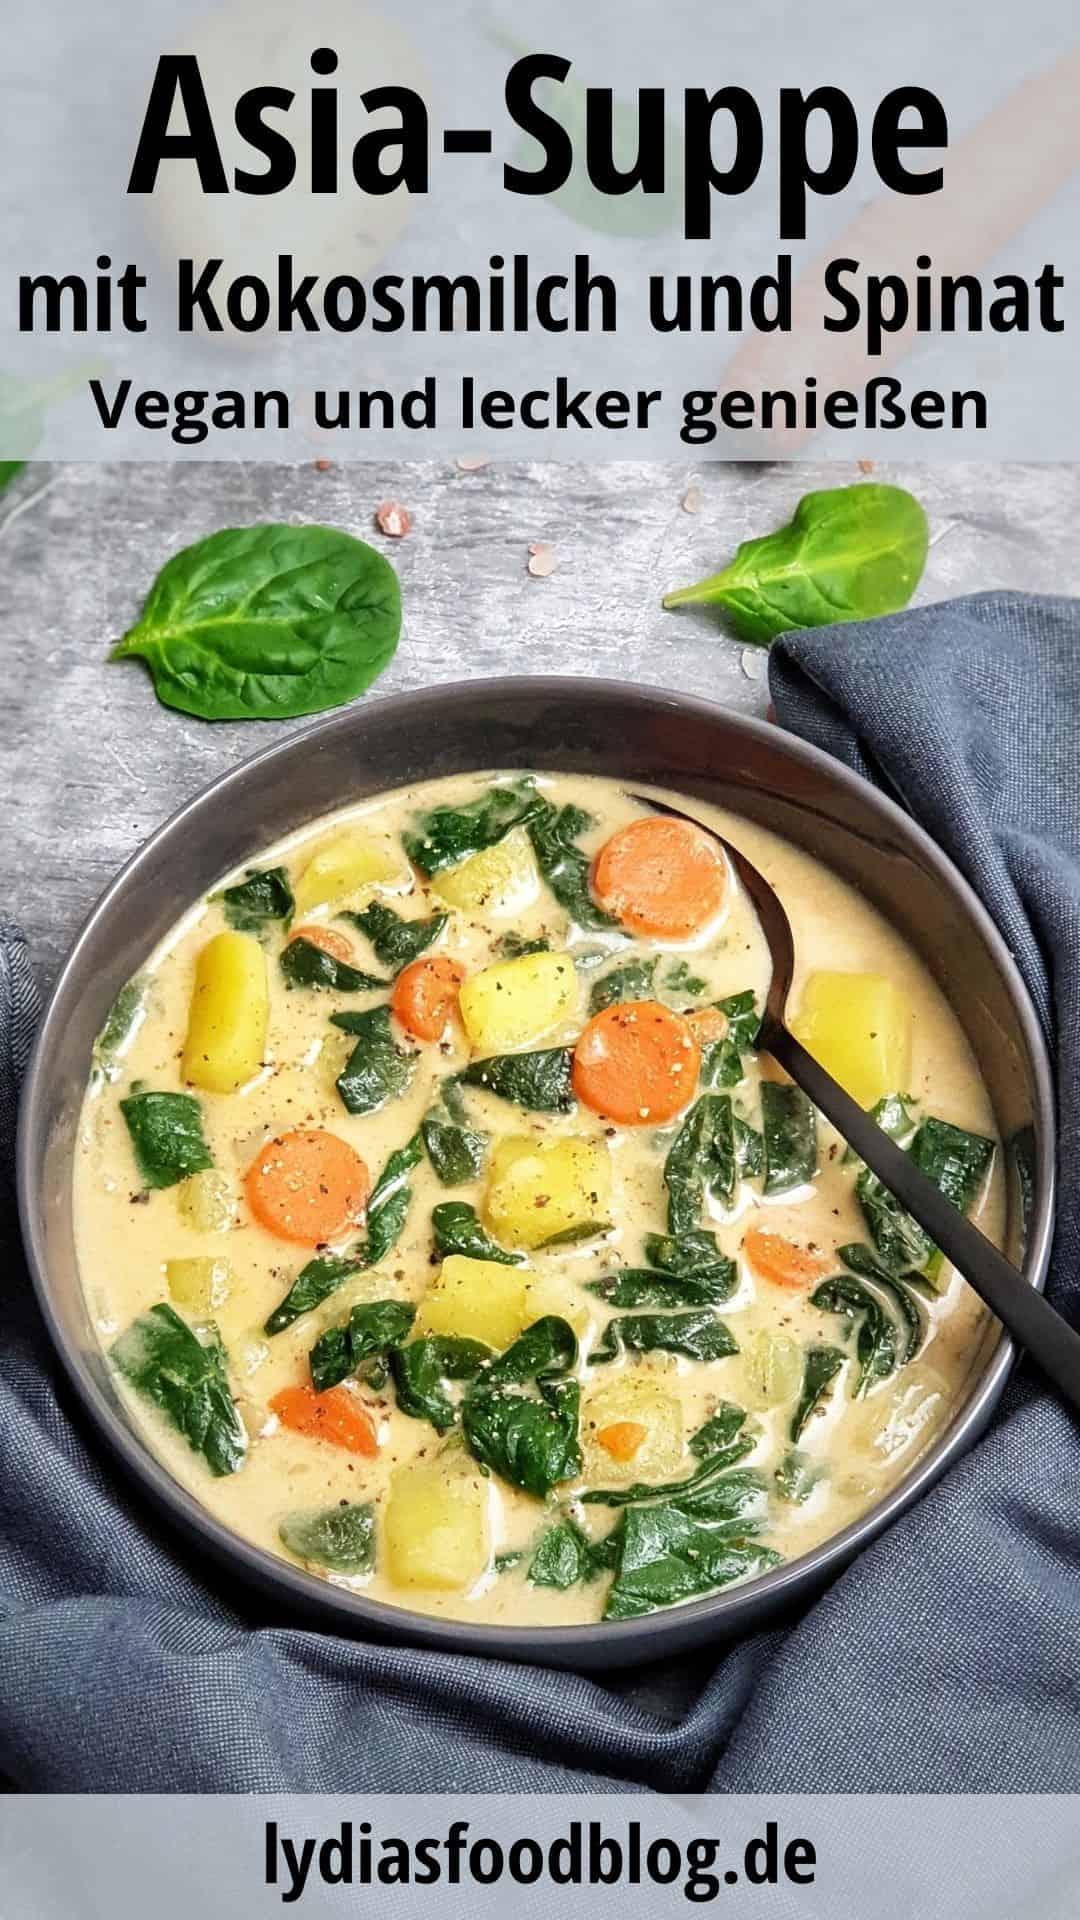 In einer grauen Schale angerichtet Asia-Suppe mit Kokosmilch, Spinat und Gemüse. Im Hintergrund Deko.